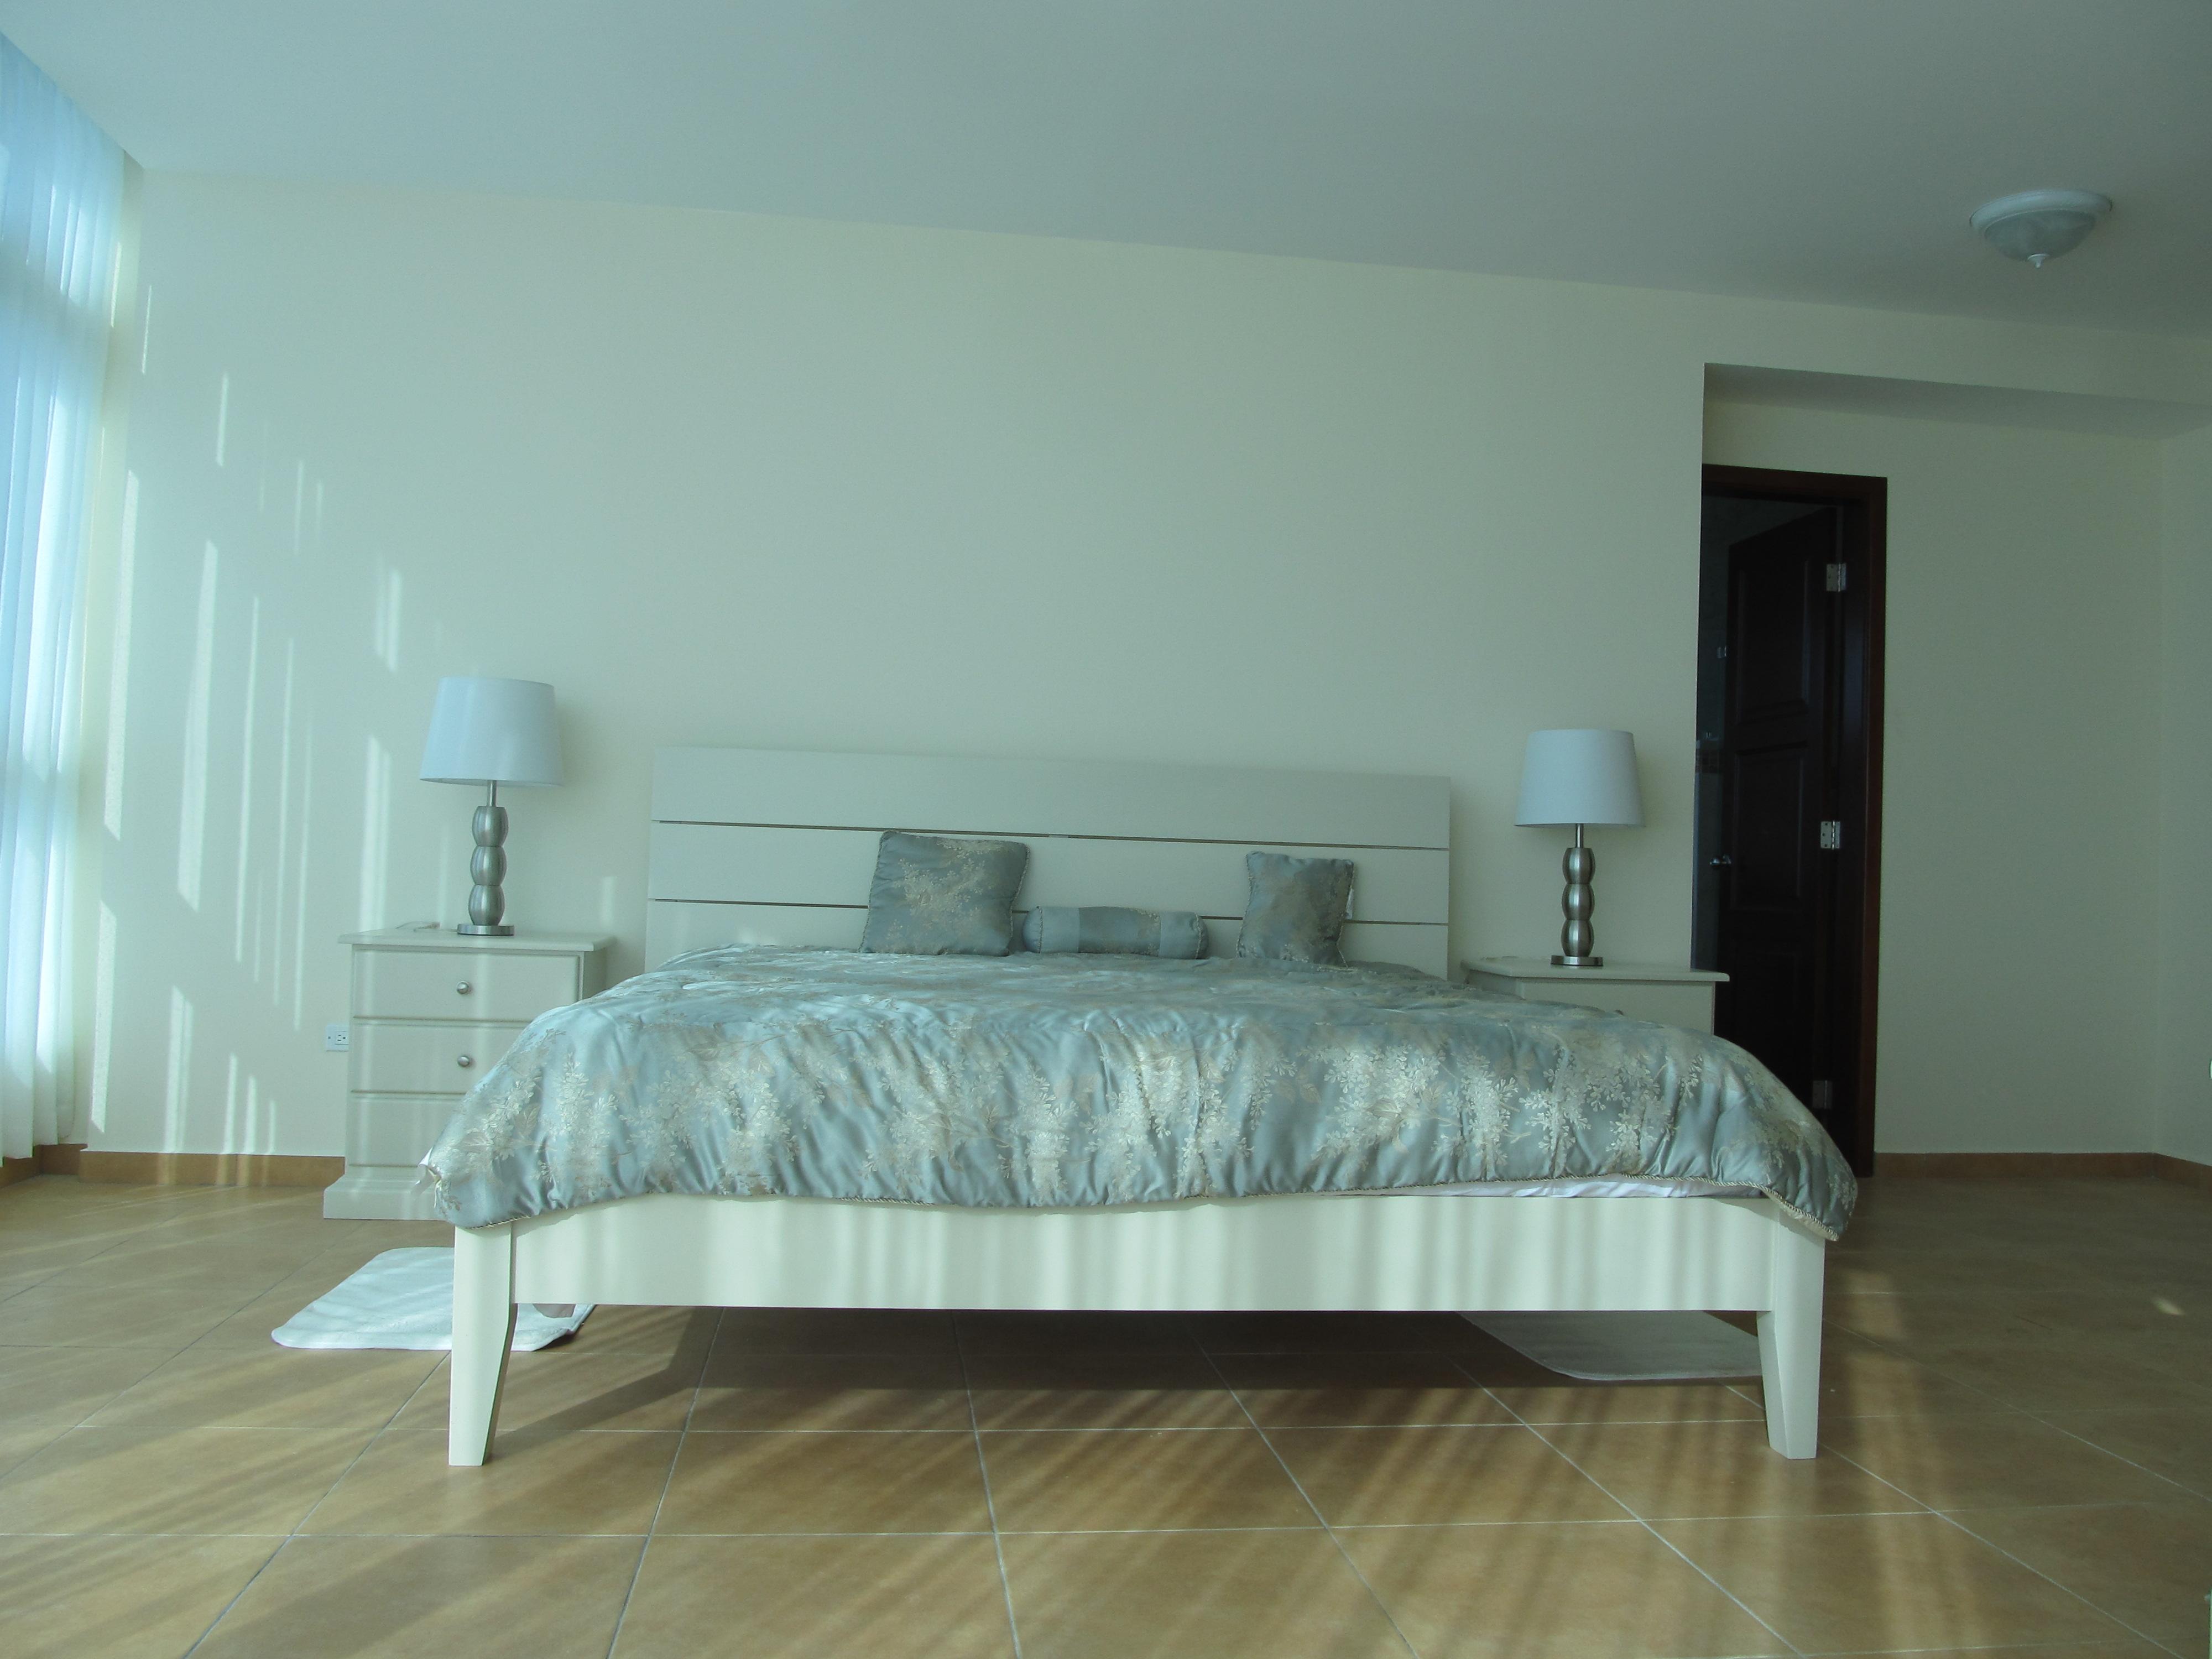 2 bedroom apartments 3 bathroom 4 6 person 165 sq